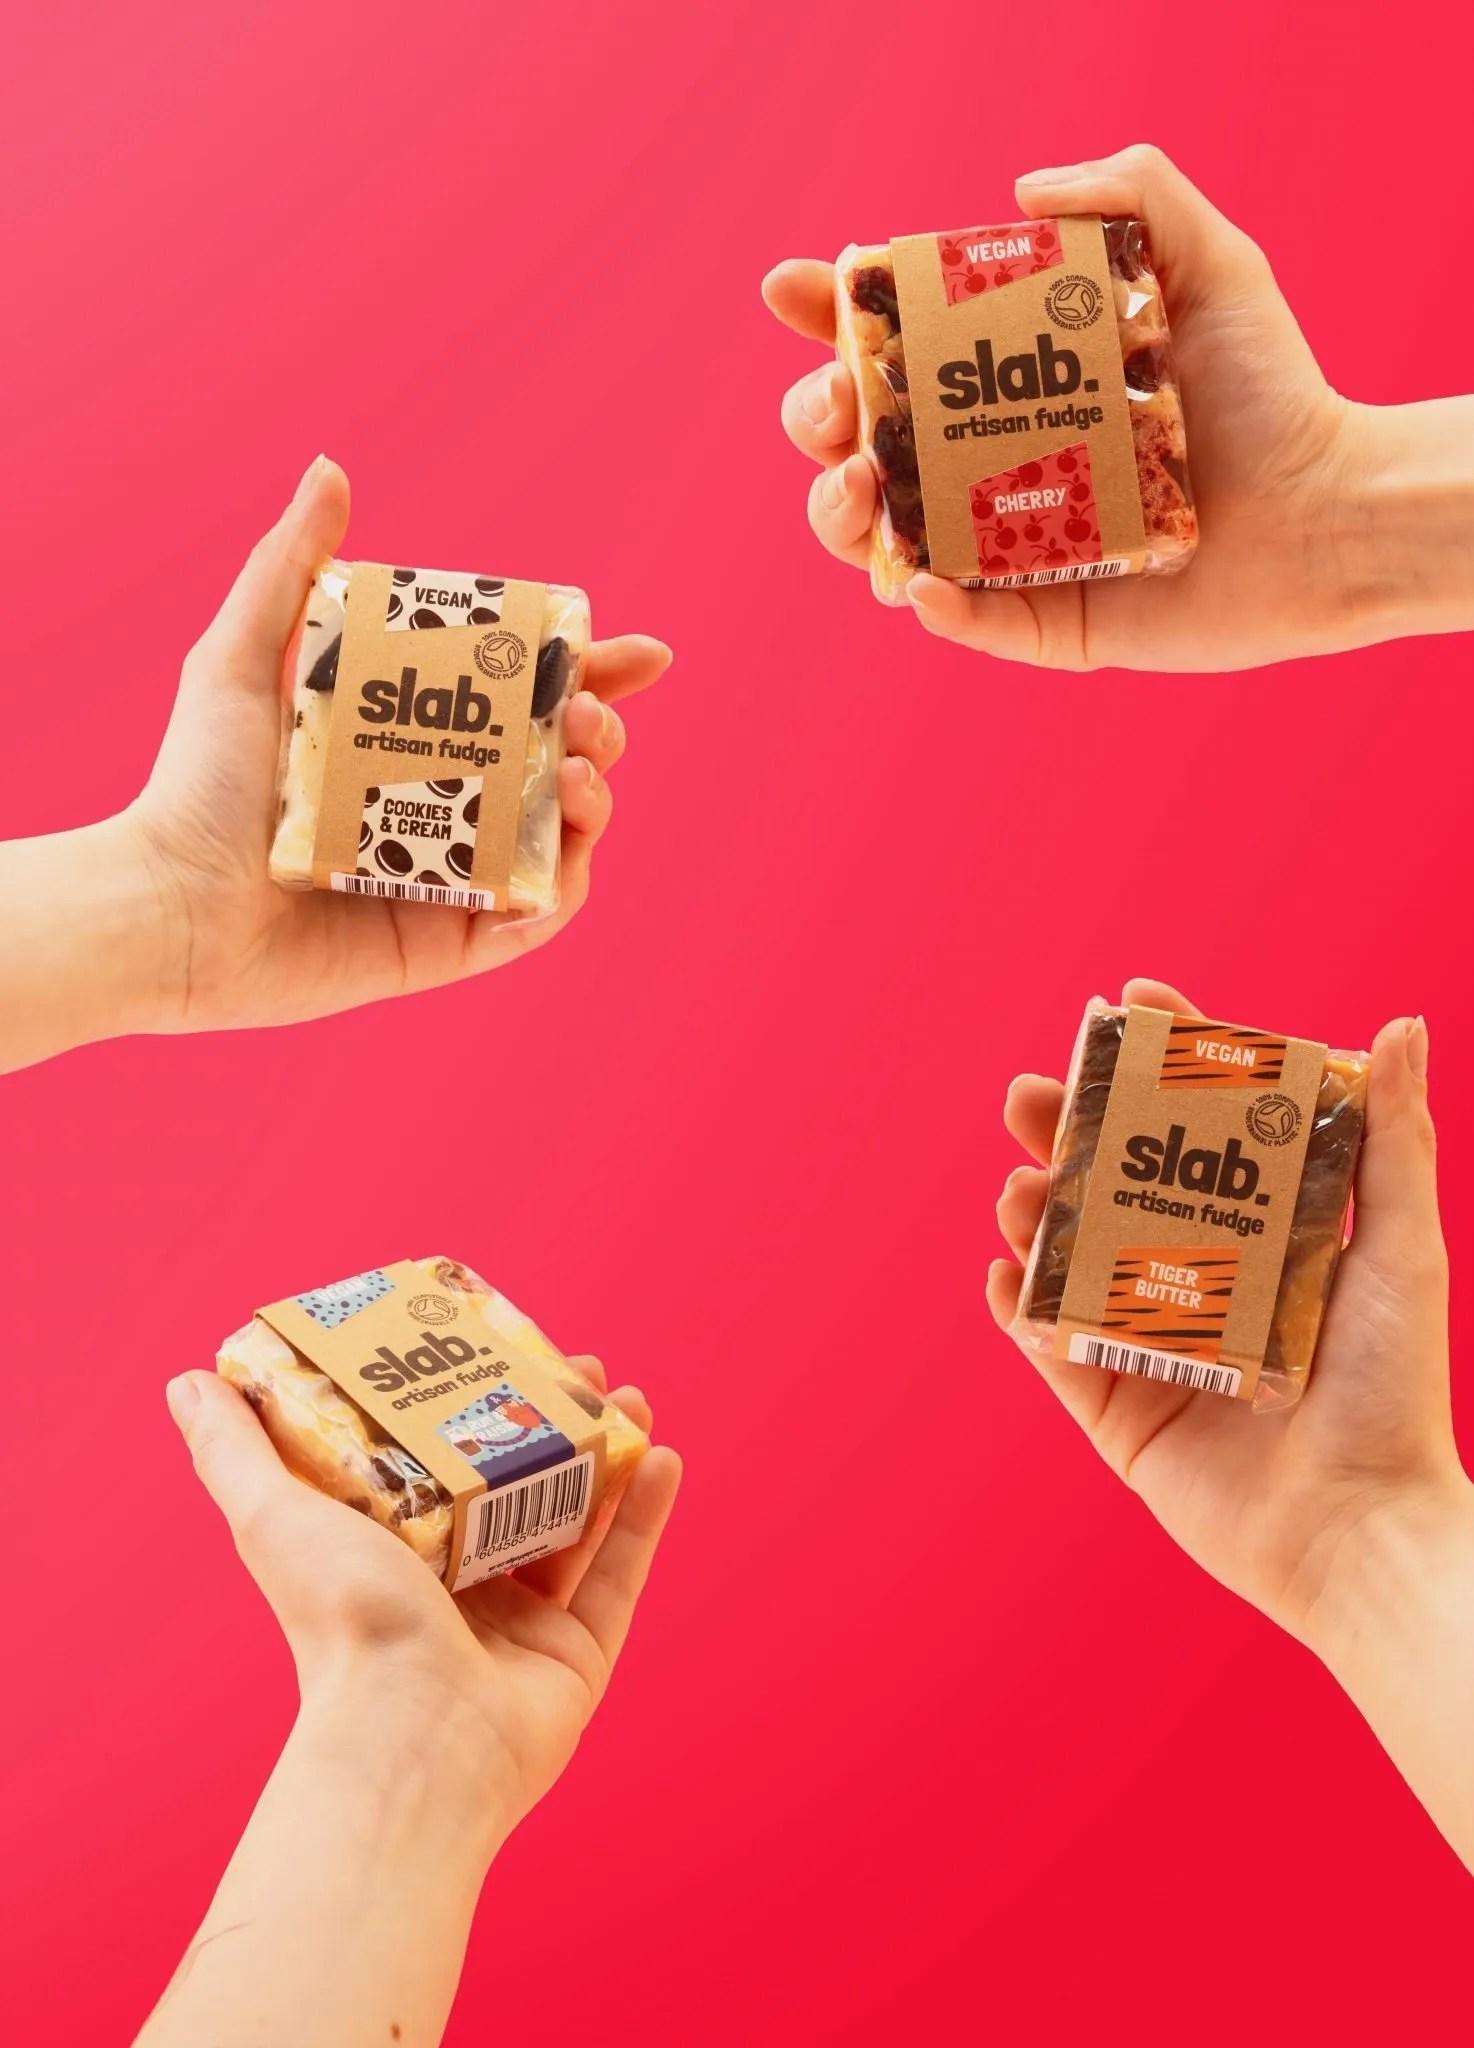 Slab Artisan Fudge Creative Photo - Vegan Hand